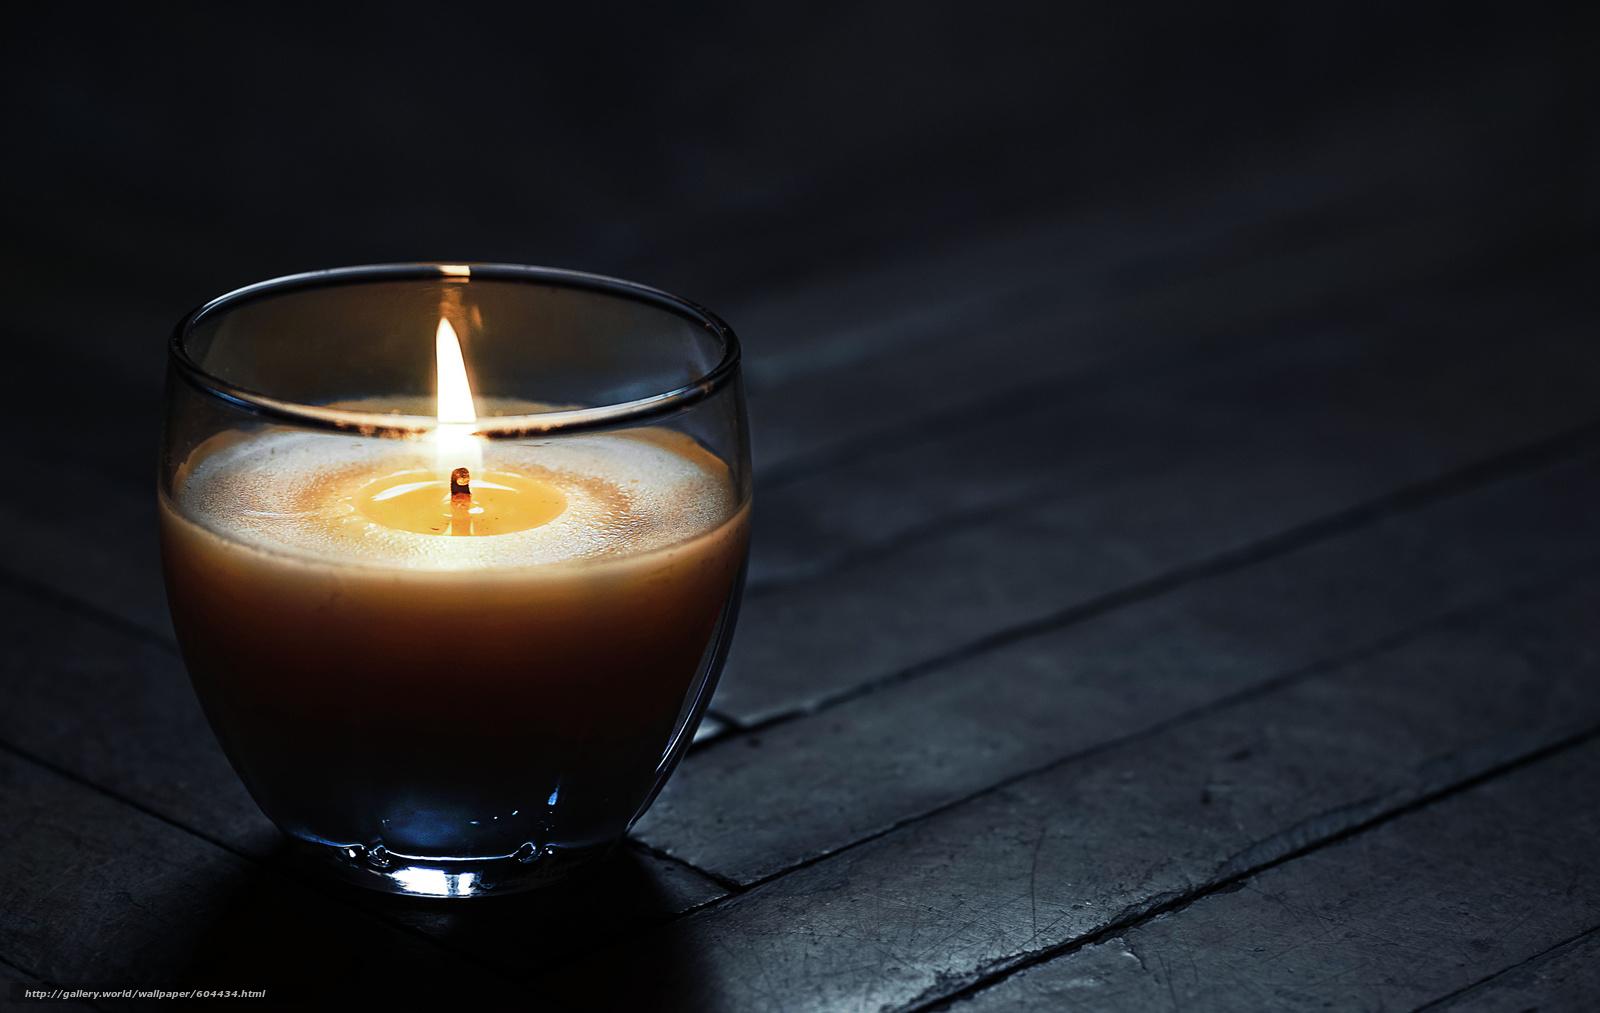 Скачать на телефон обои фото картинку на тему свеча, темнота, черный, серый, пламя, воск, разширение 6000x3800